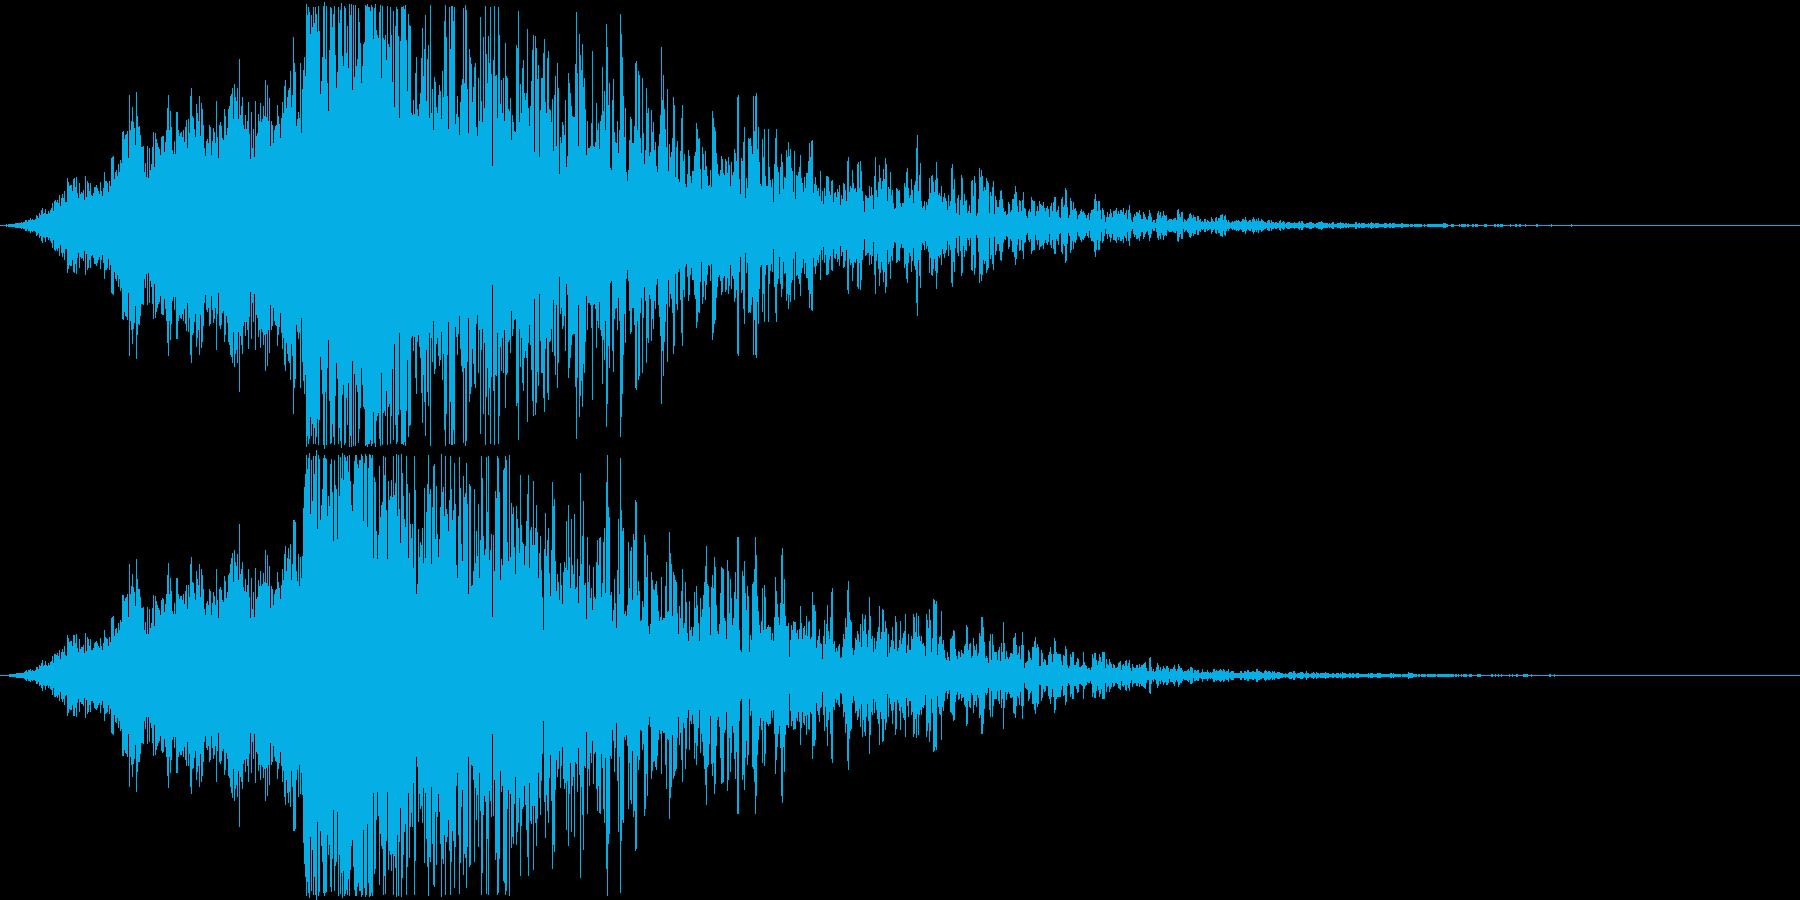 ミサイルの接近と爆発、ロケット爆発と爆弾の再生済みの波形